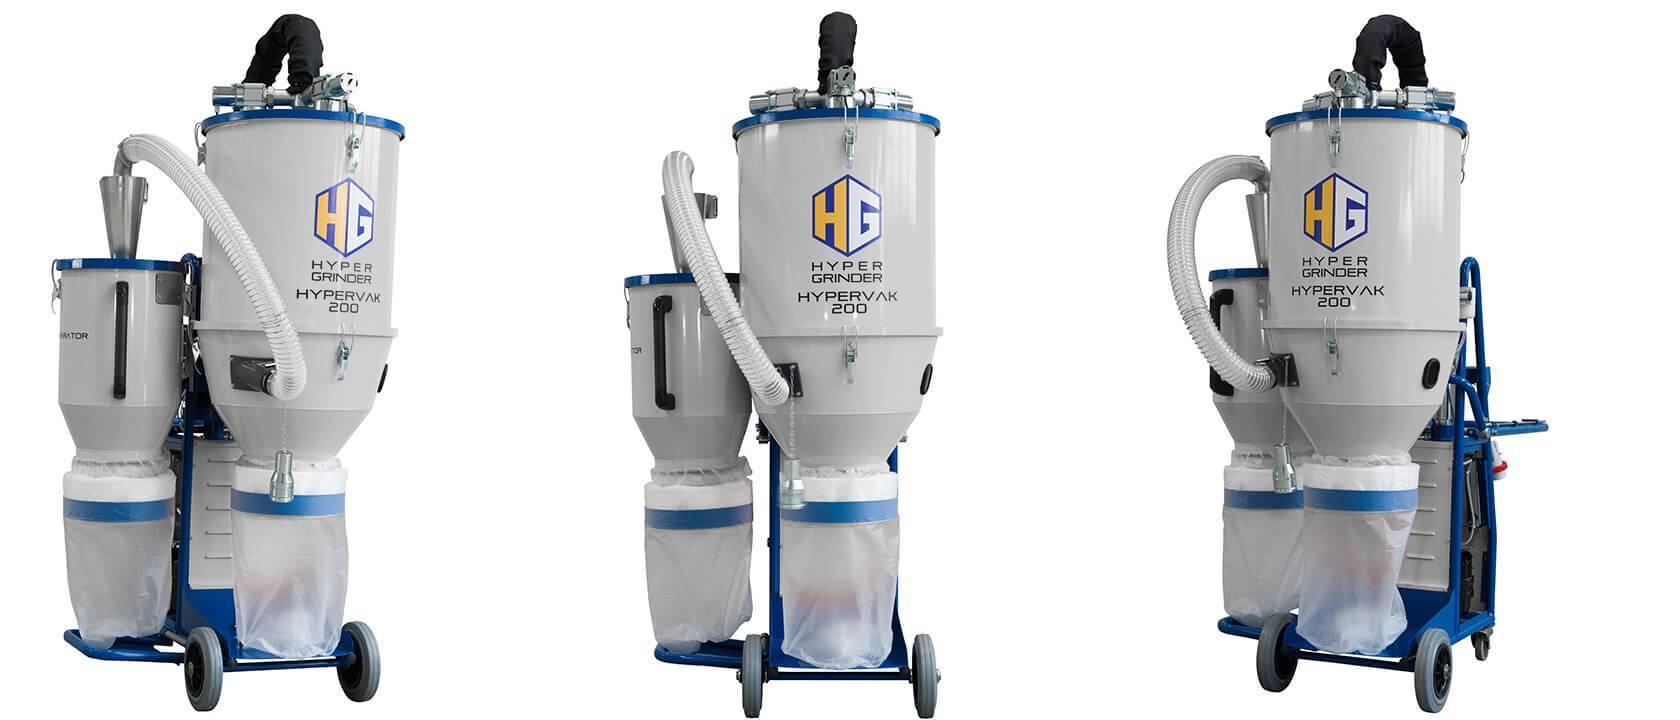 slide product Hypervak 200 preseparator 1 1